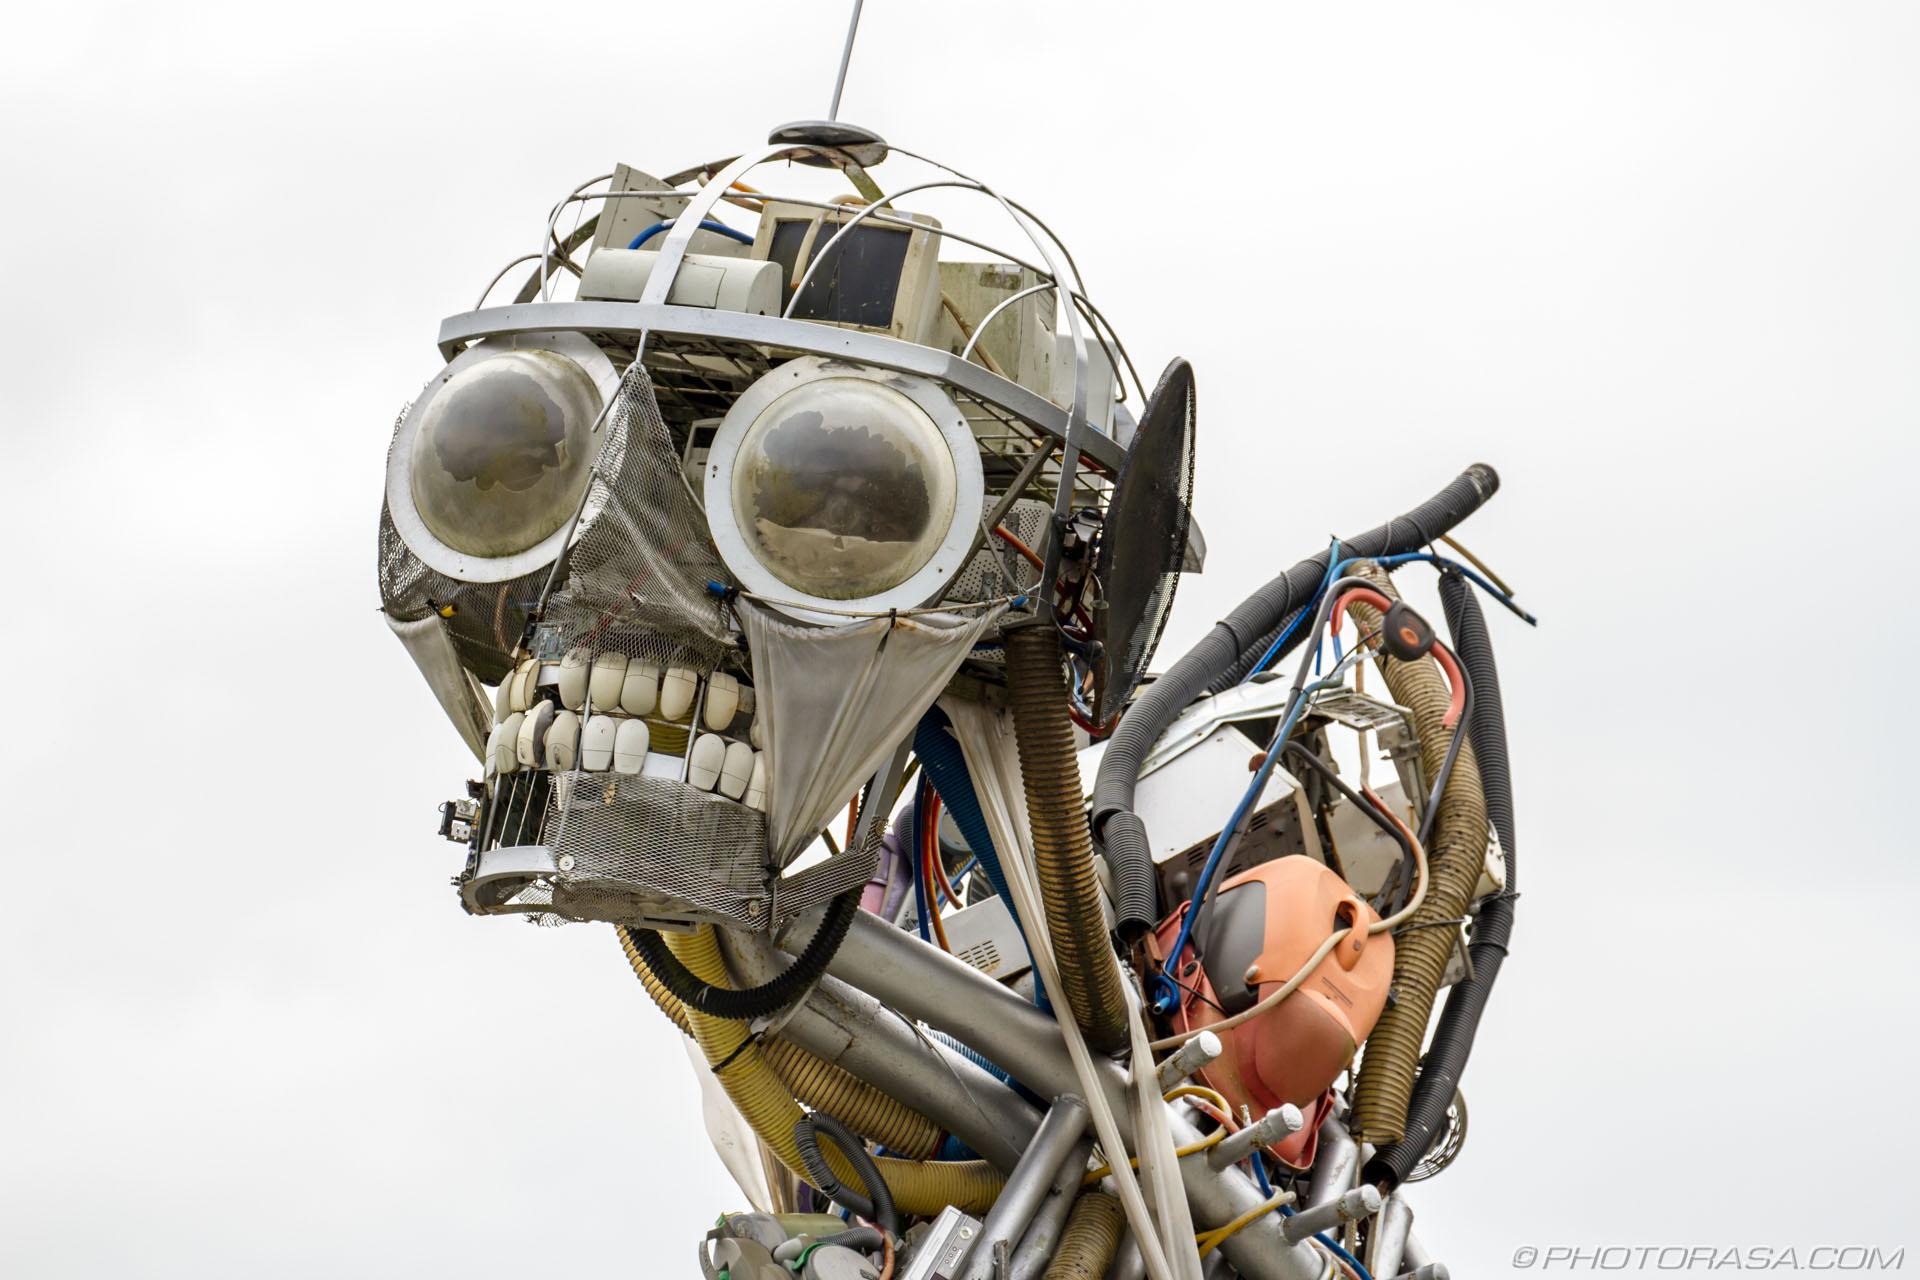 http://photorasa.com/garden-sculptures/head-of-waste-technology-sculpture-at-eden-project/